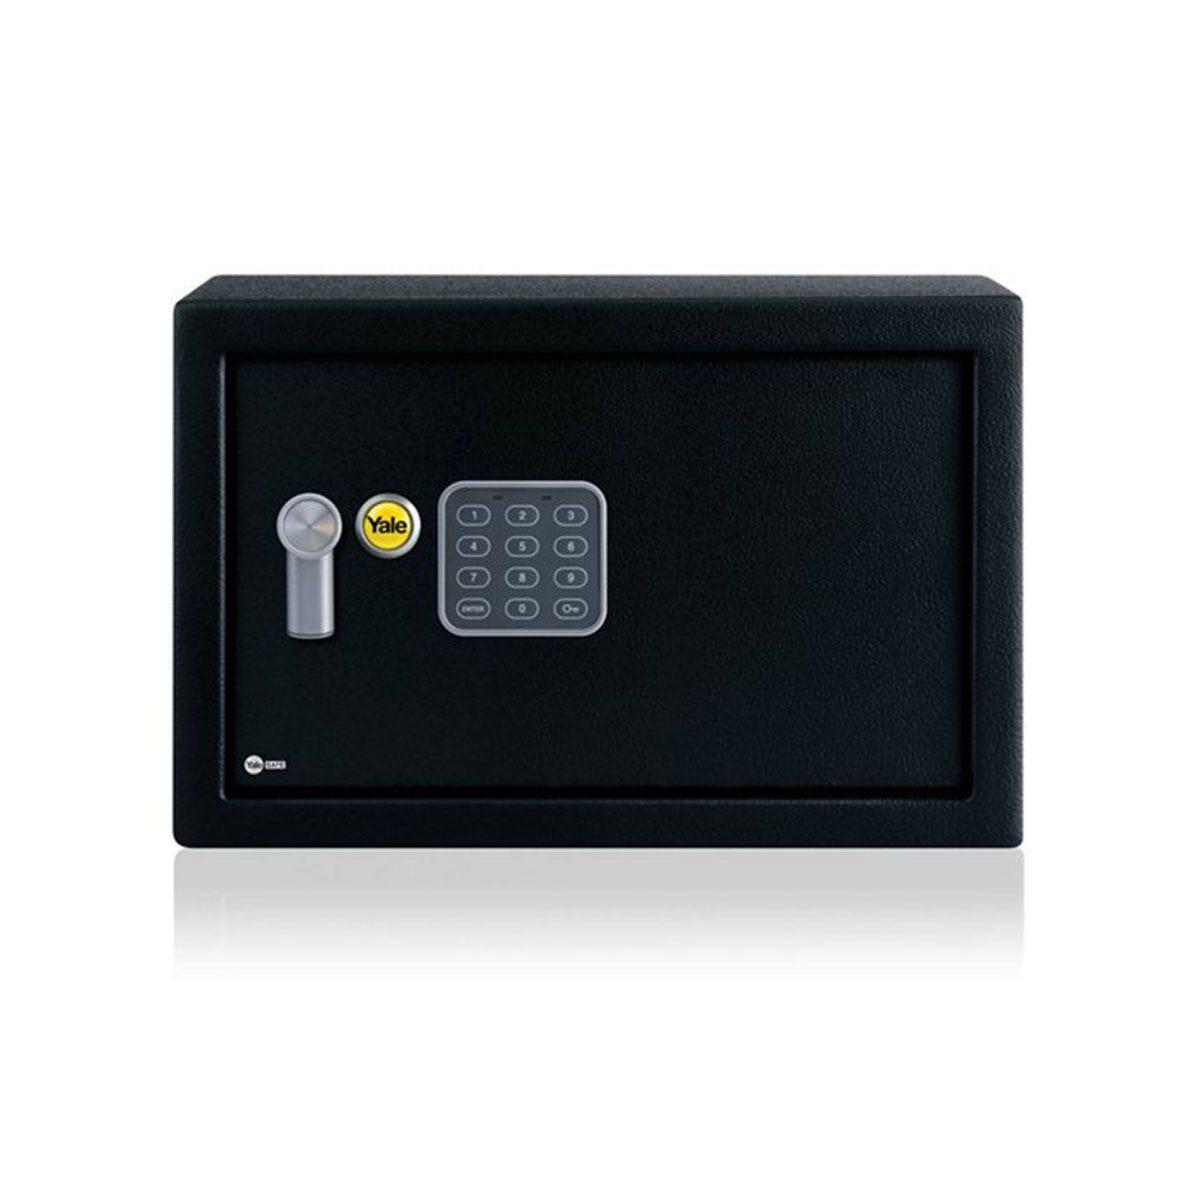 Yale Electronic Digital Value Safe - Medium